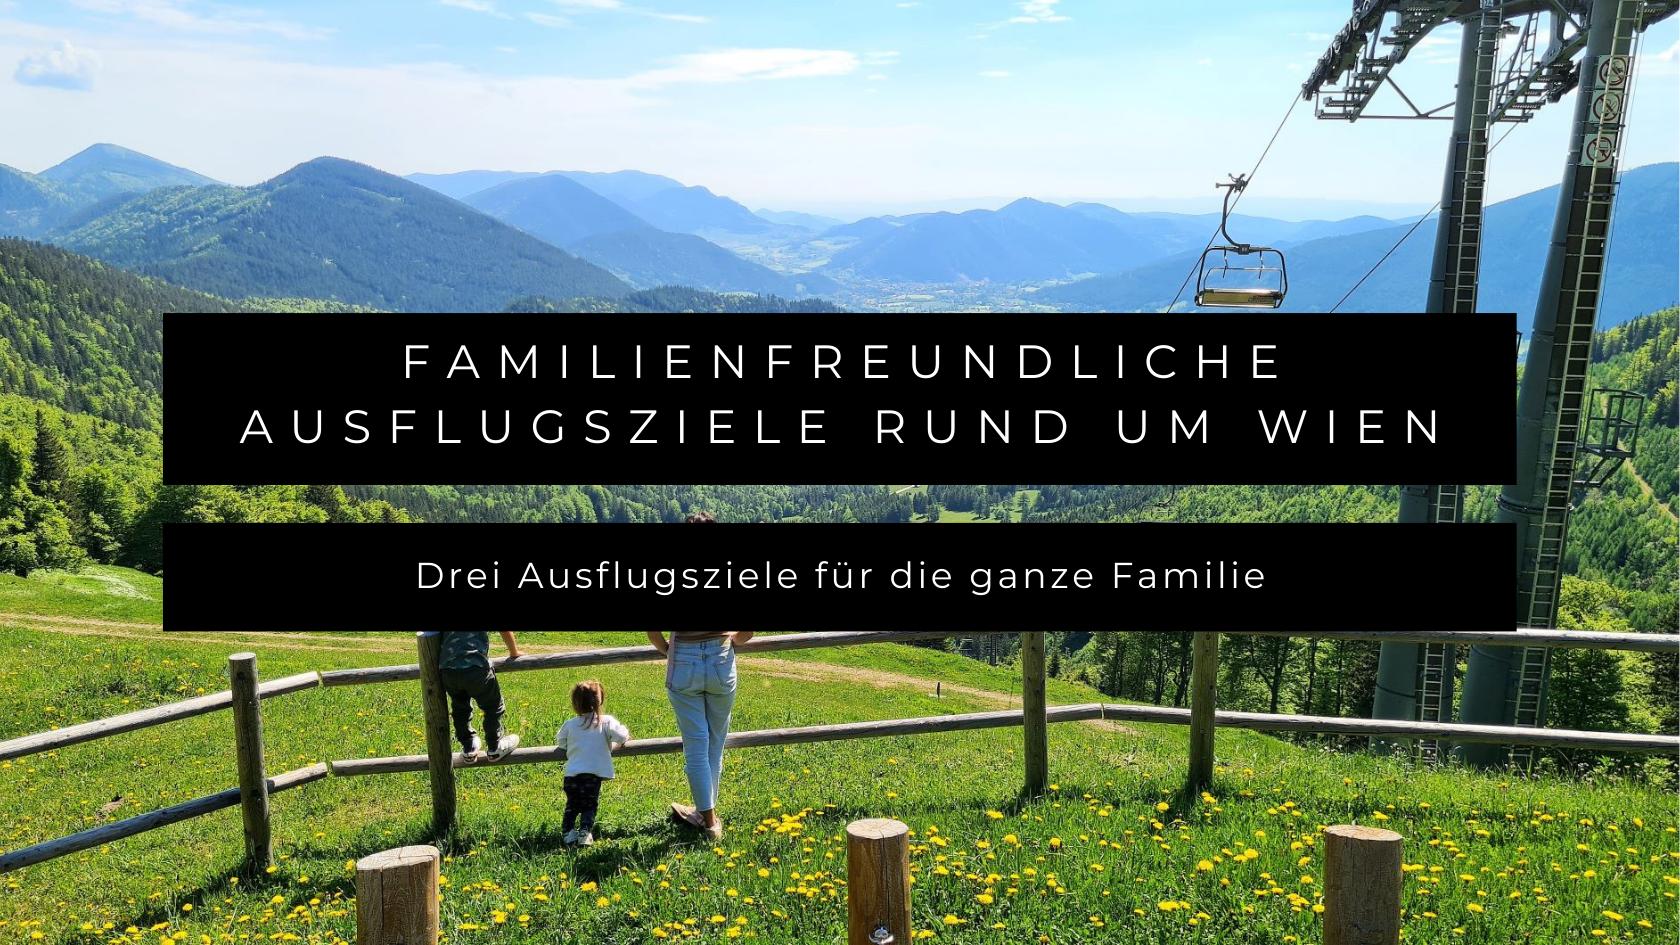 Drei kinderfreundliche Ausflugsziele rund um Wien mit der NÖ Card